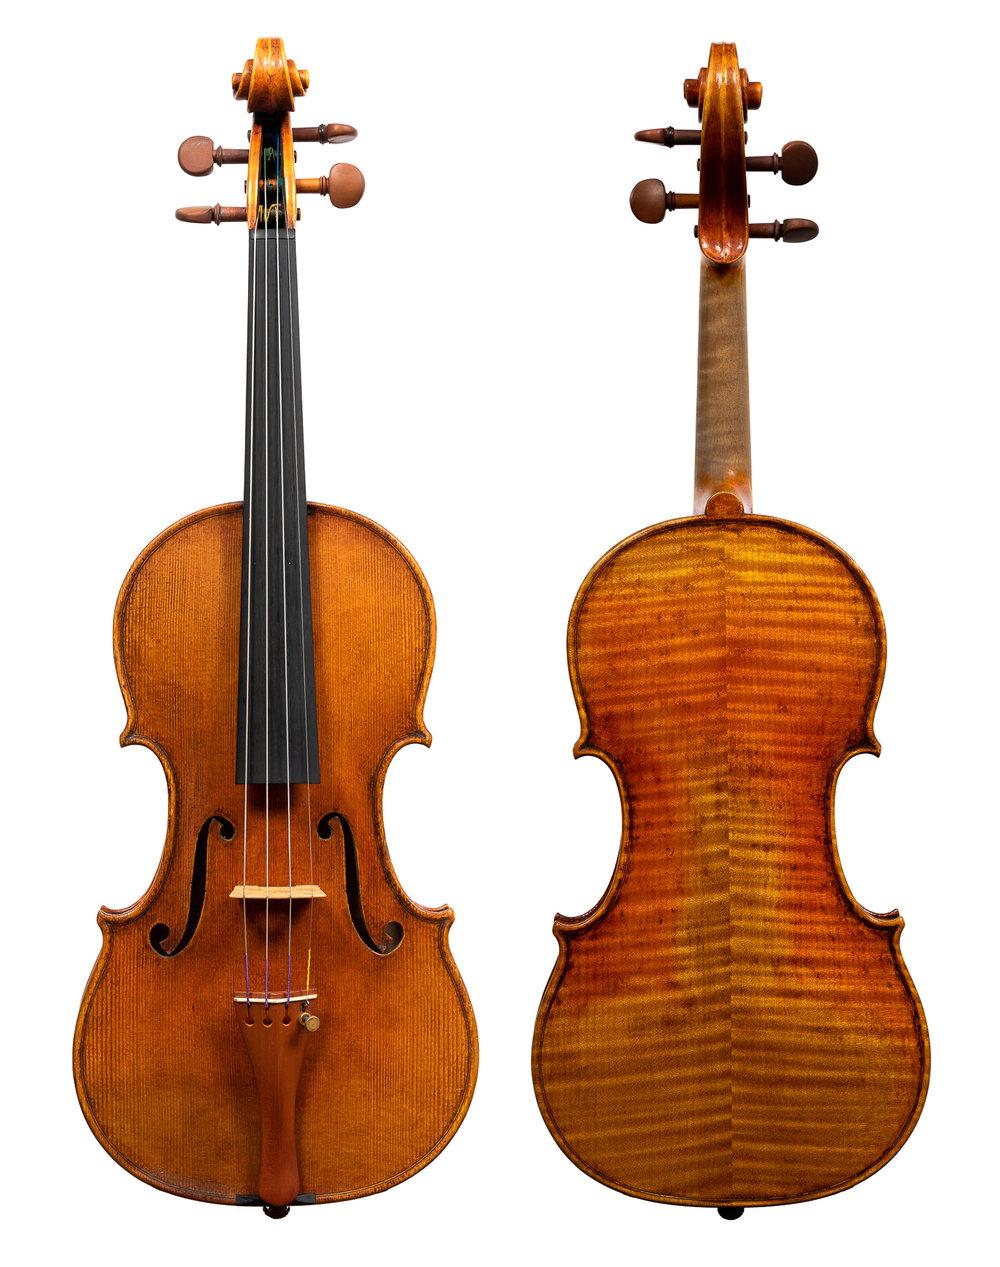 Copy of Matsuda Violin